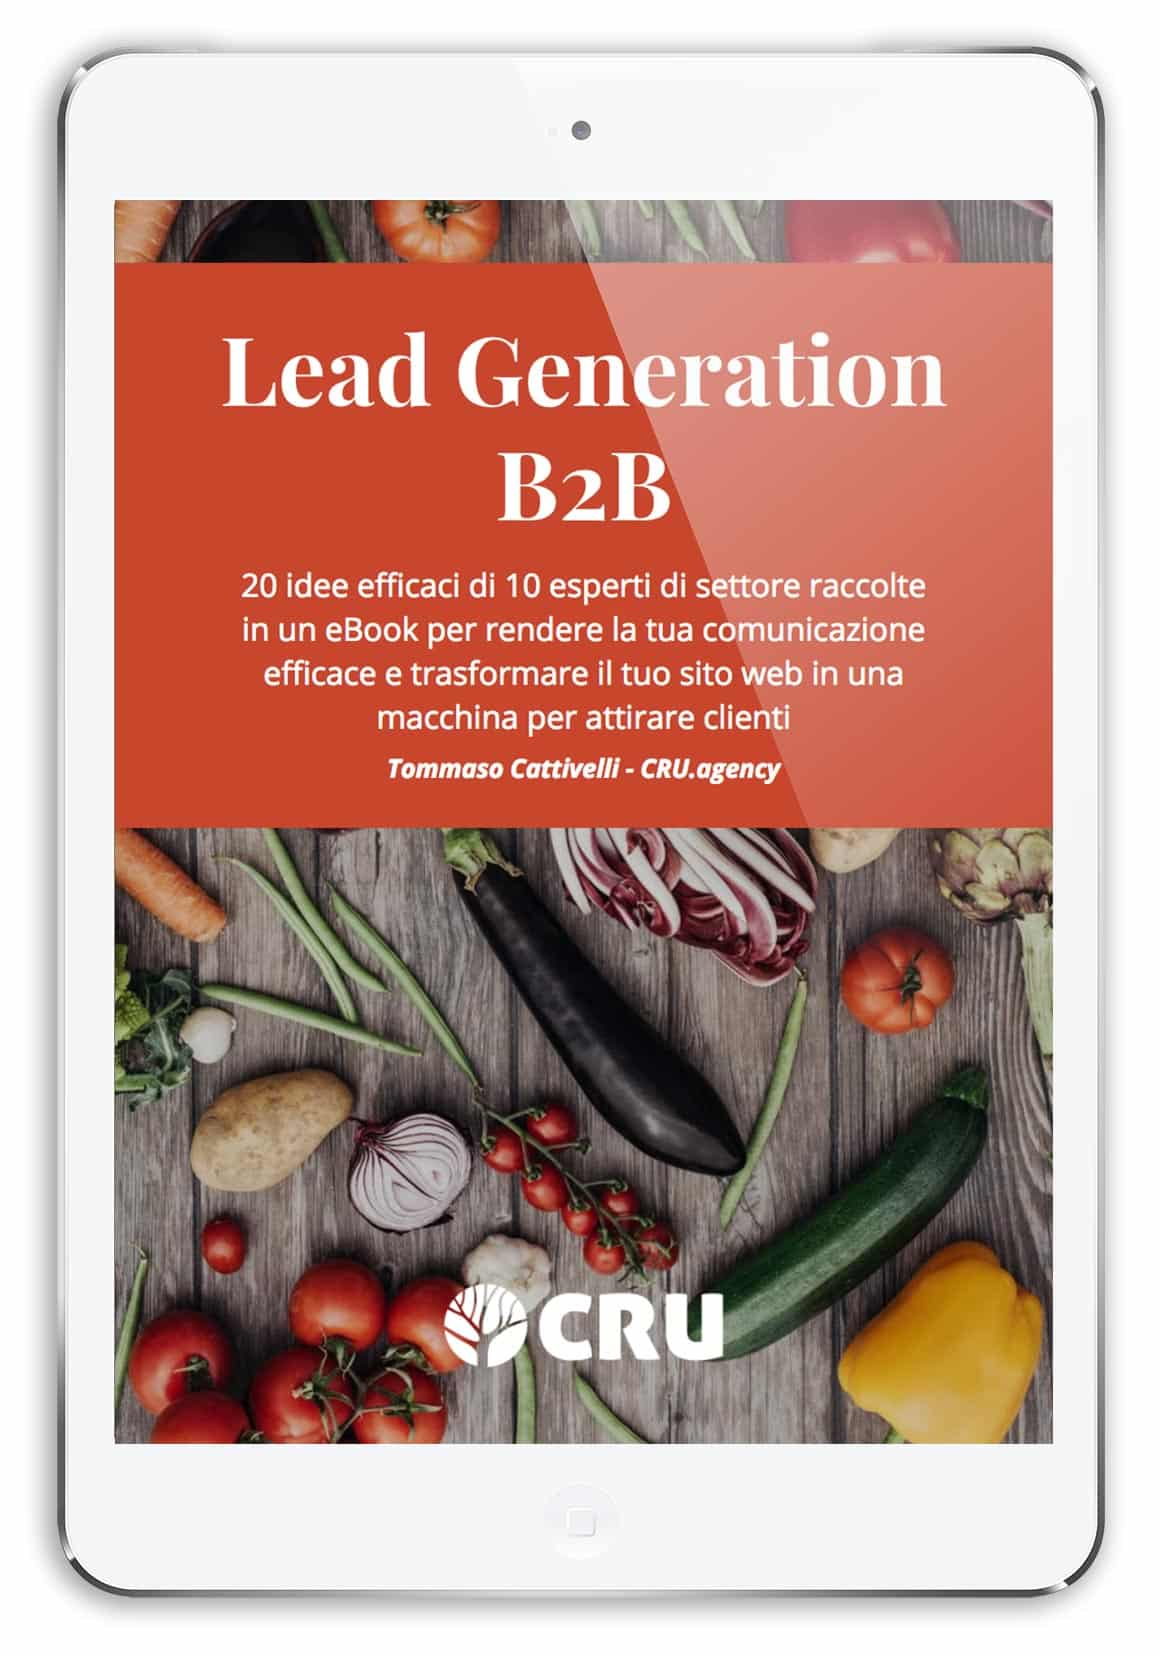 offerta di contenuto: ebook sulla raccolta di contatti b2b per il settore food e wine